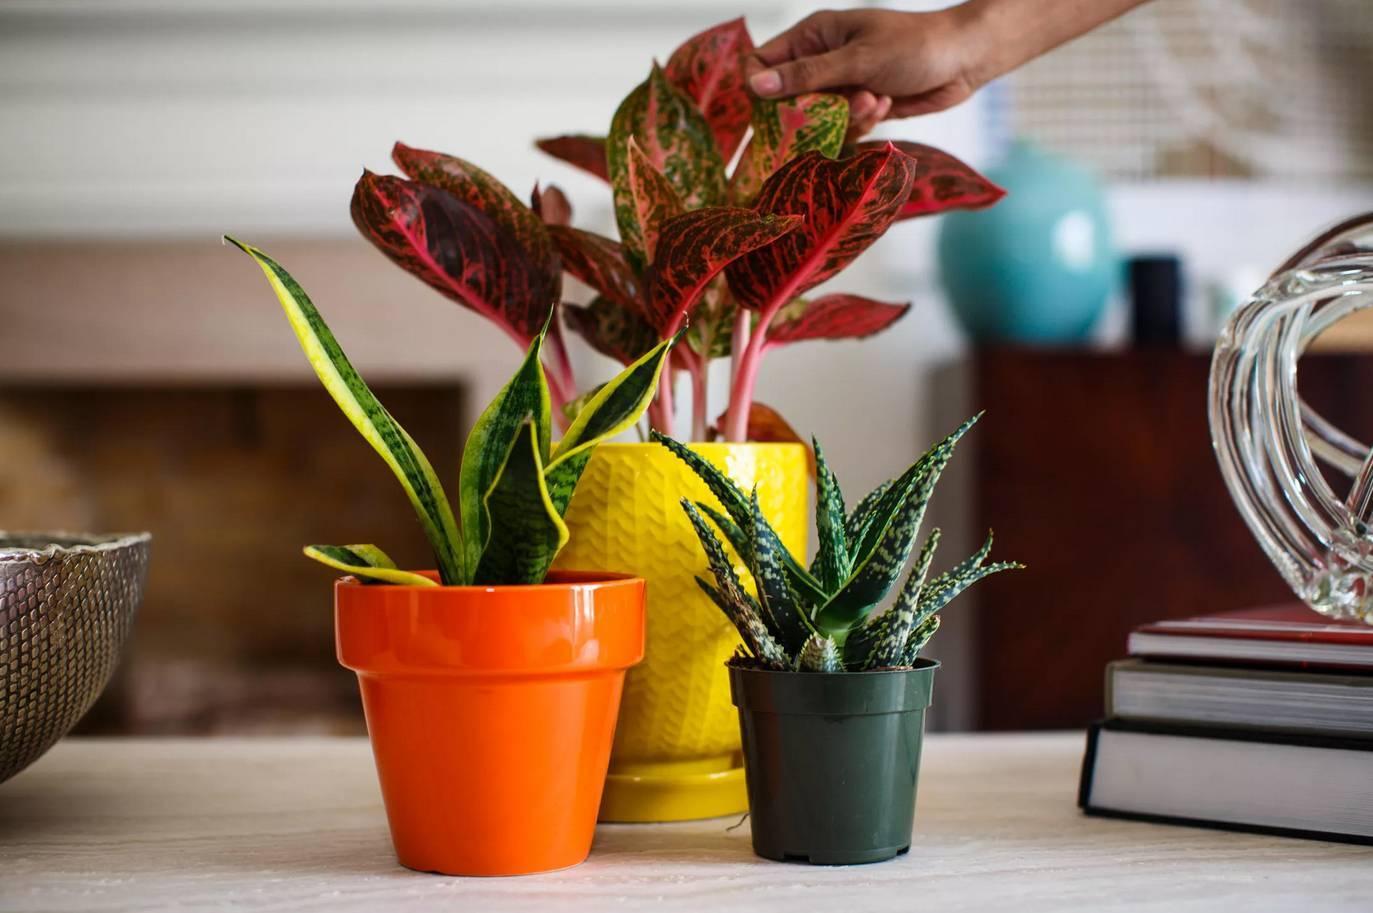 Чайное дерево: уход в домашних условиях и способы размножения